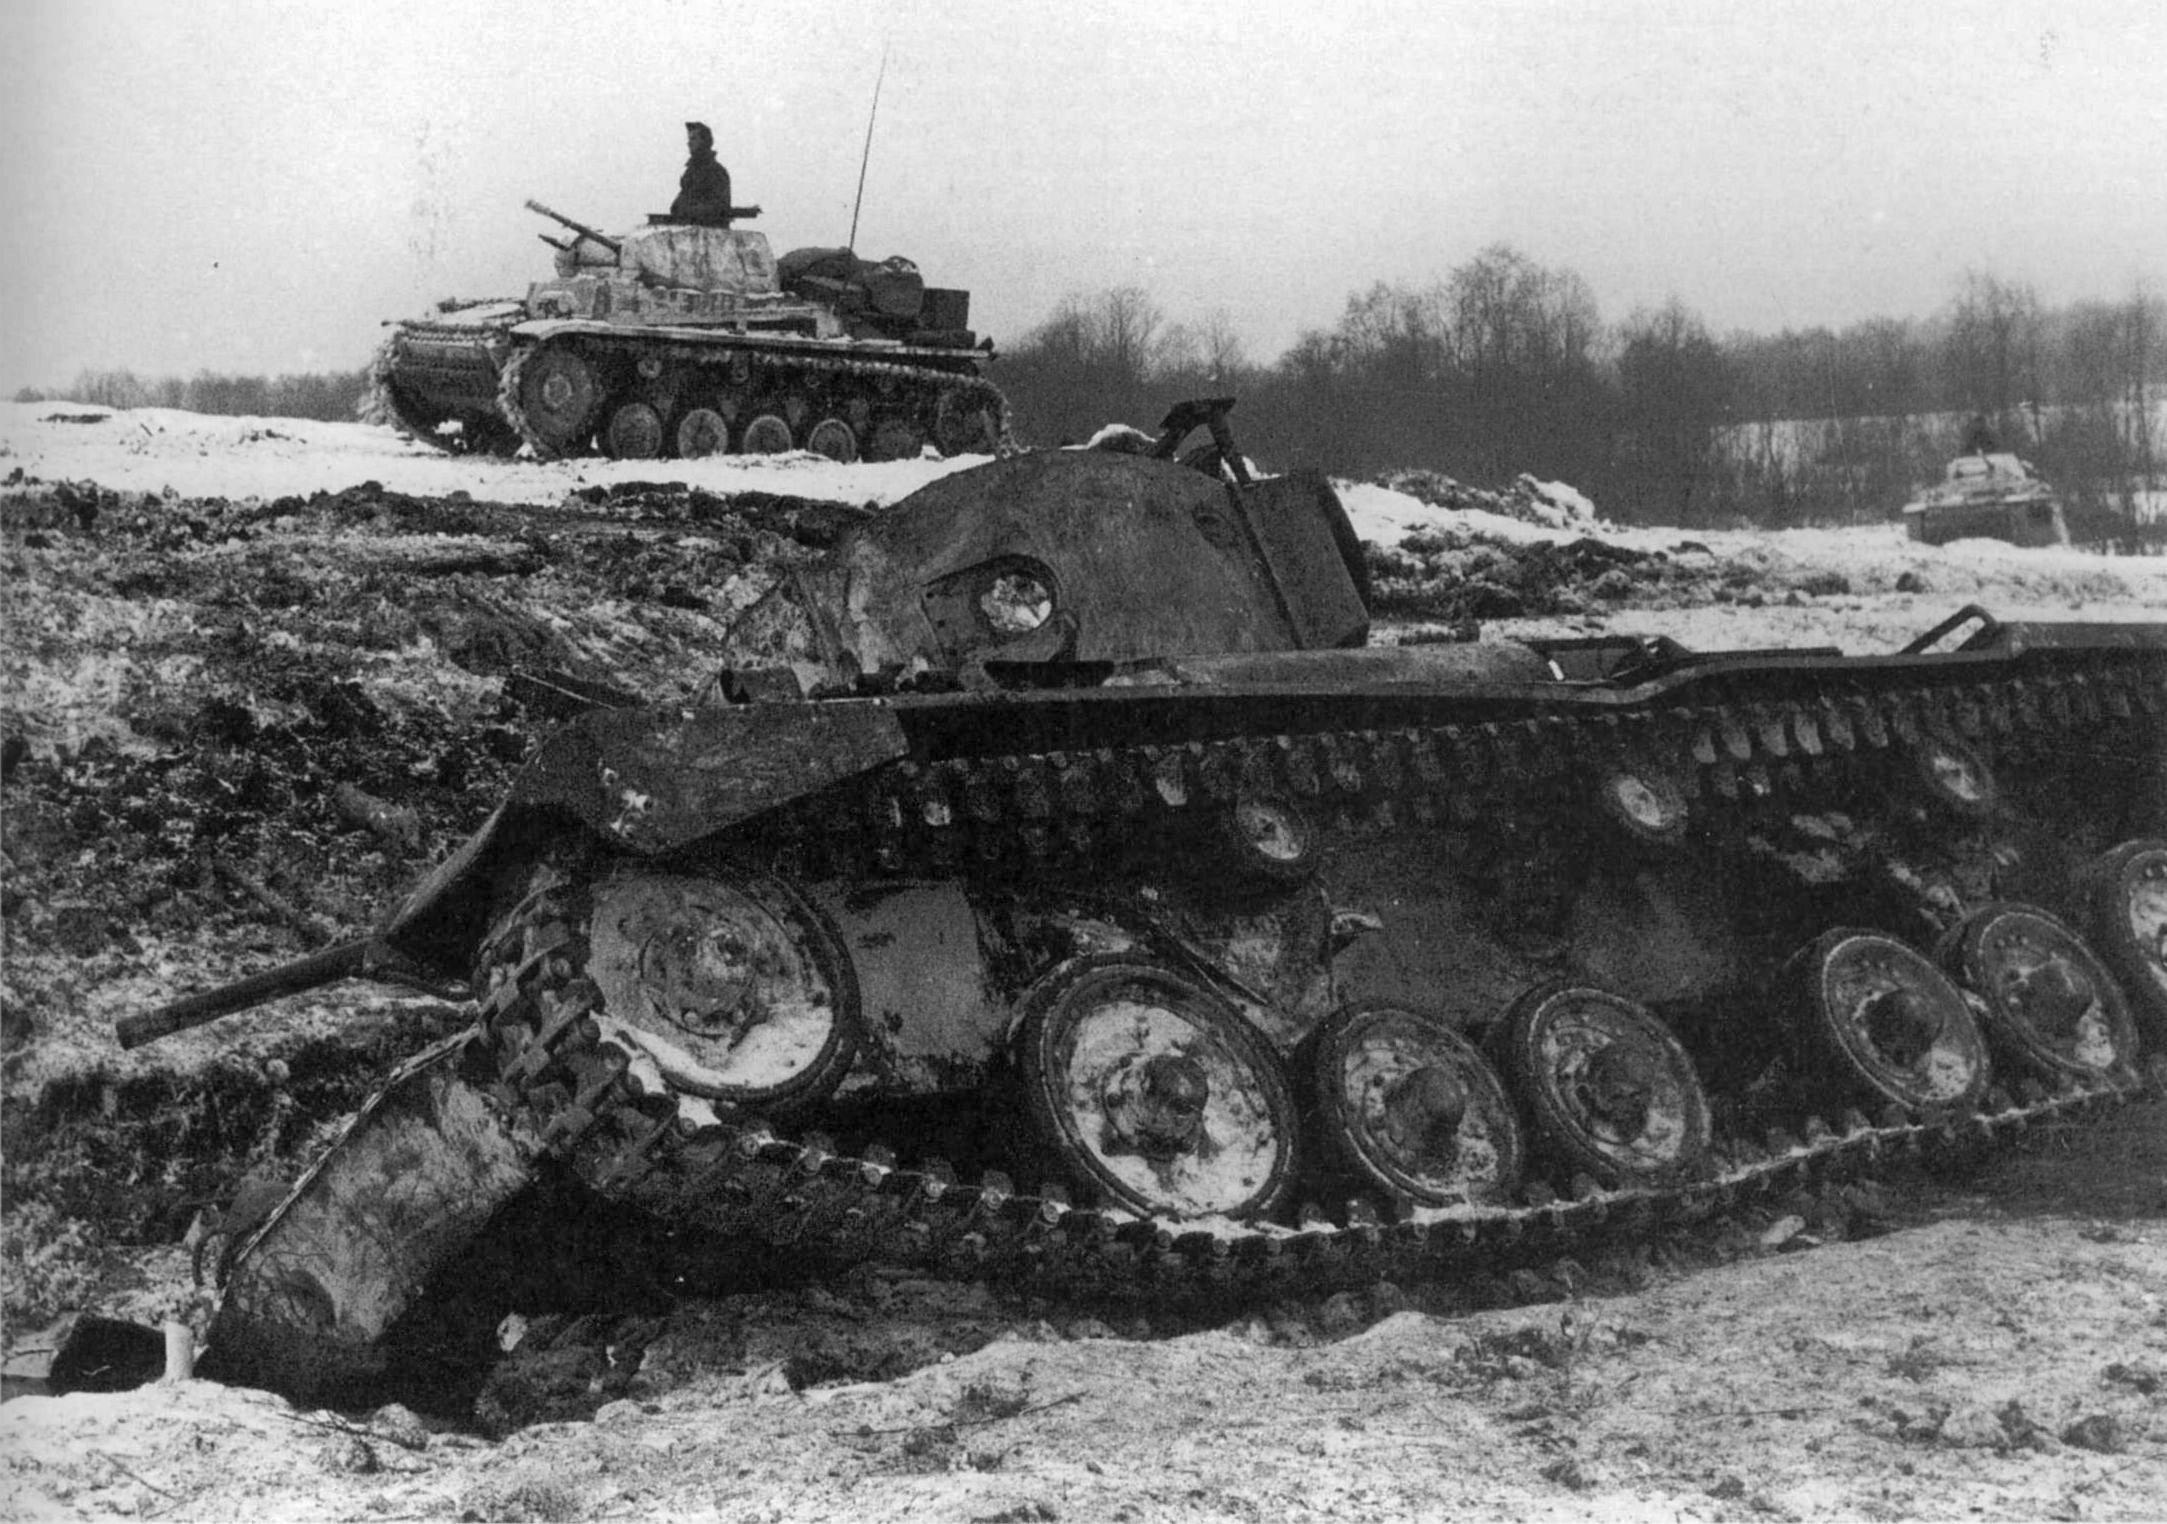 Pz.Kpfw. II / Mk. III Valentine